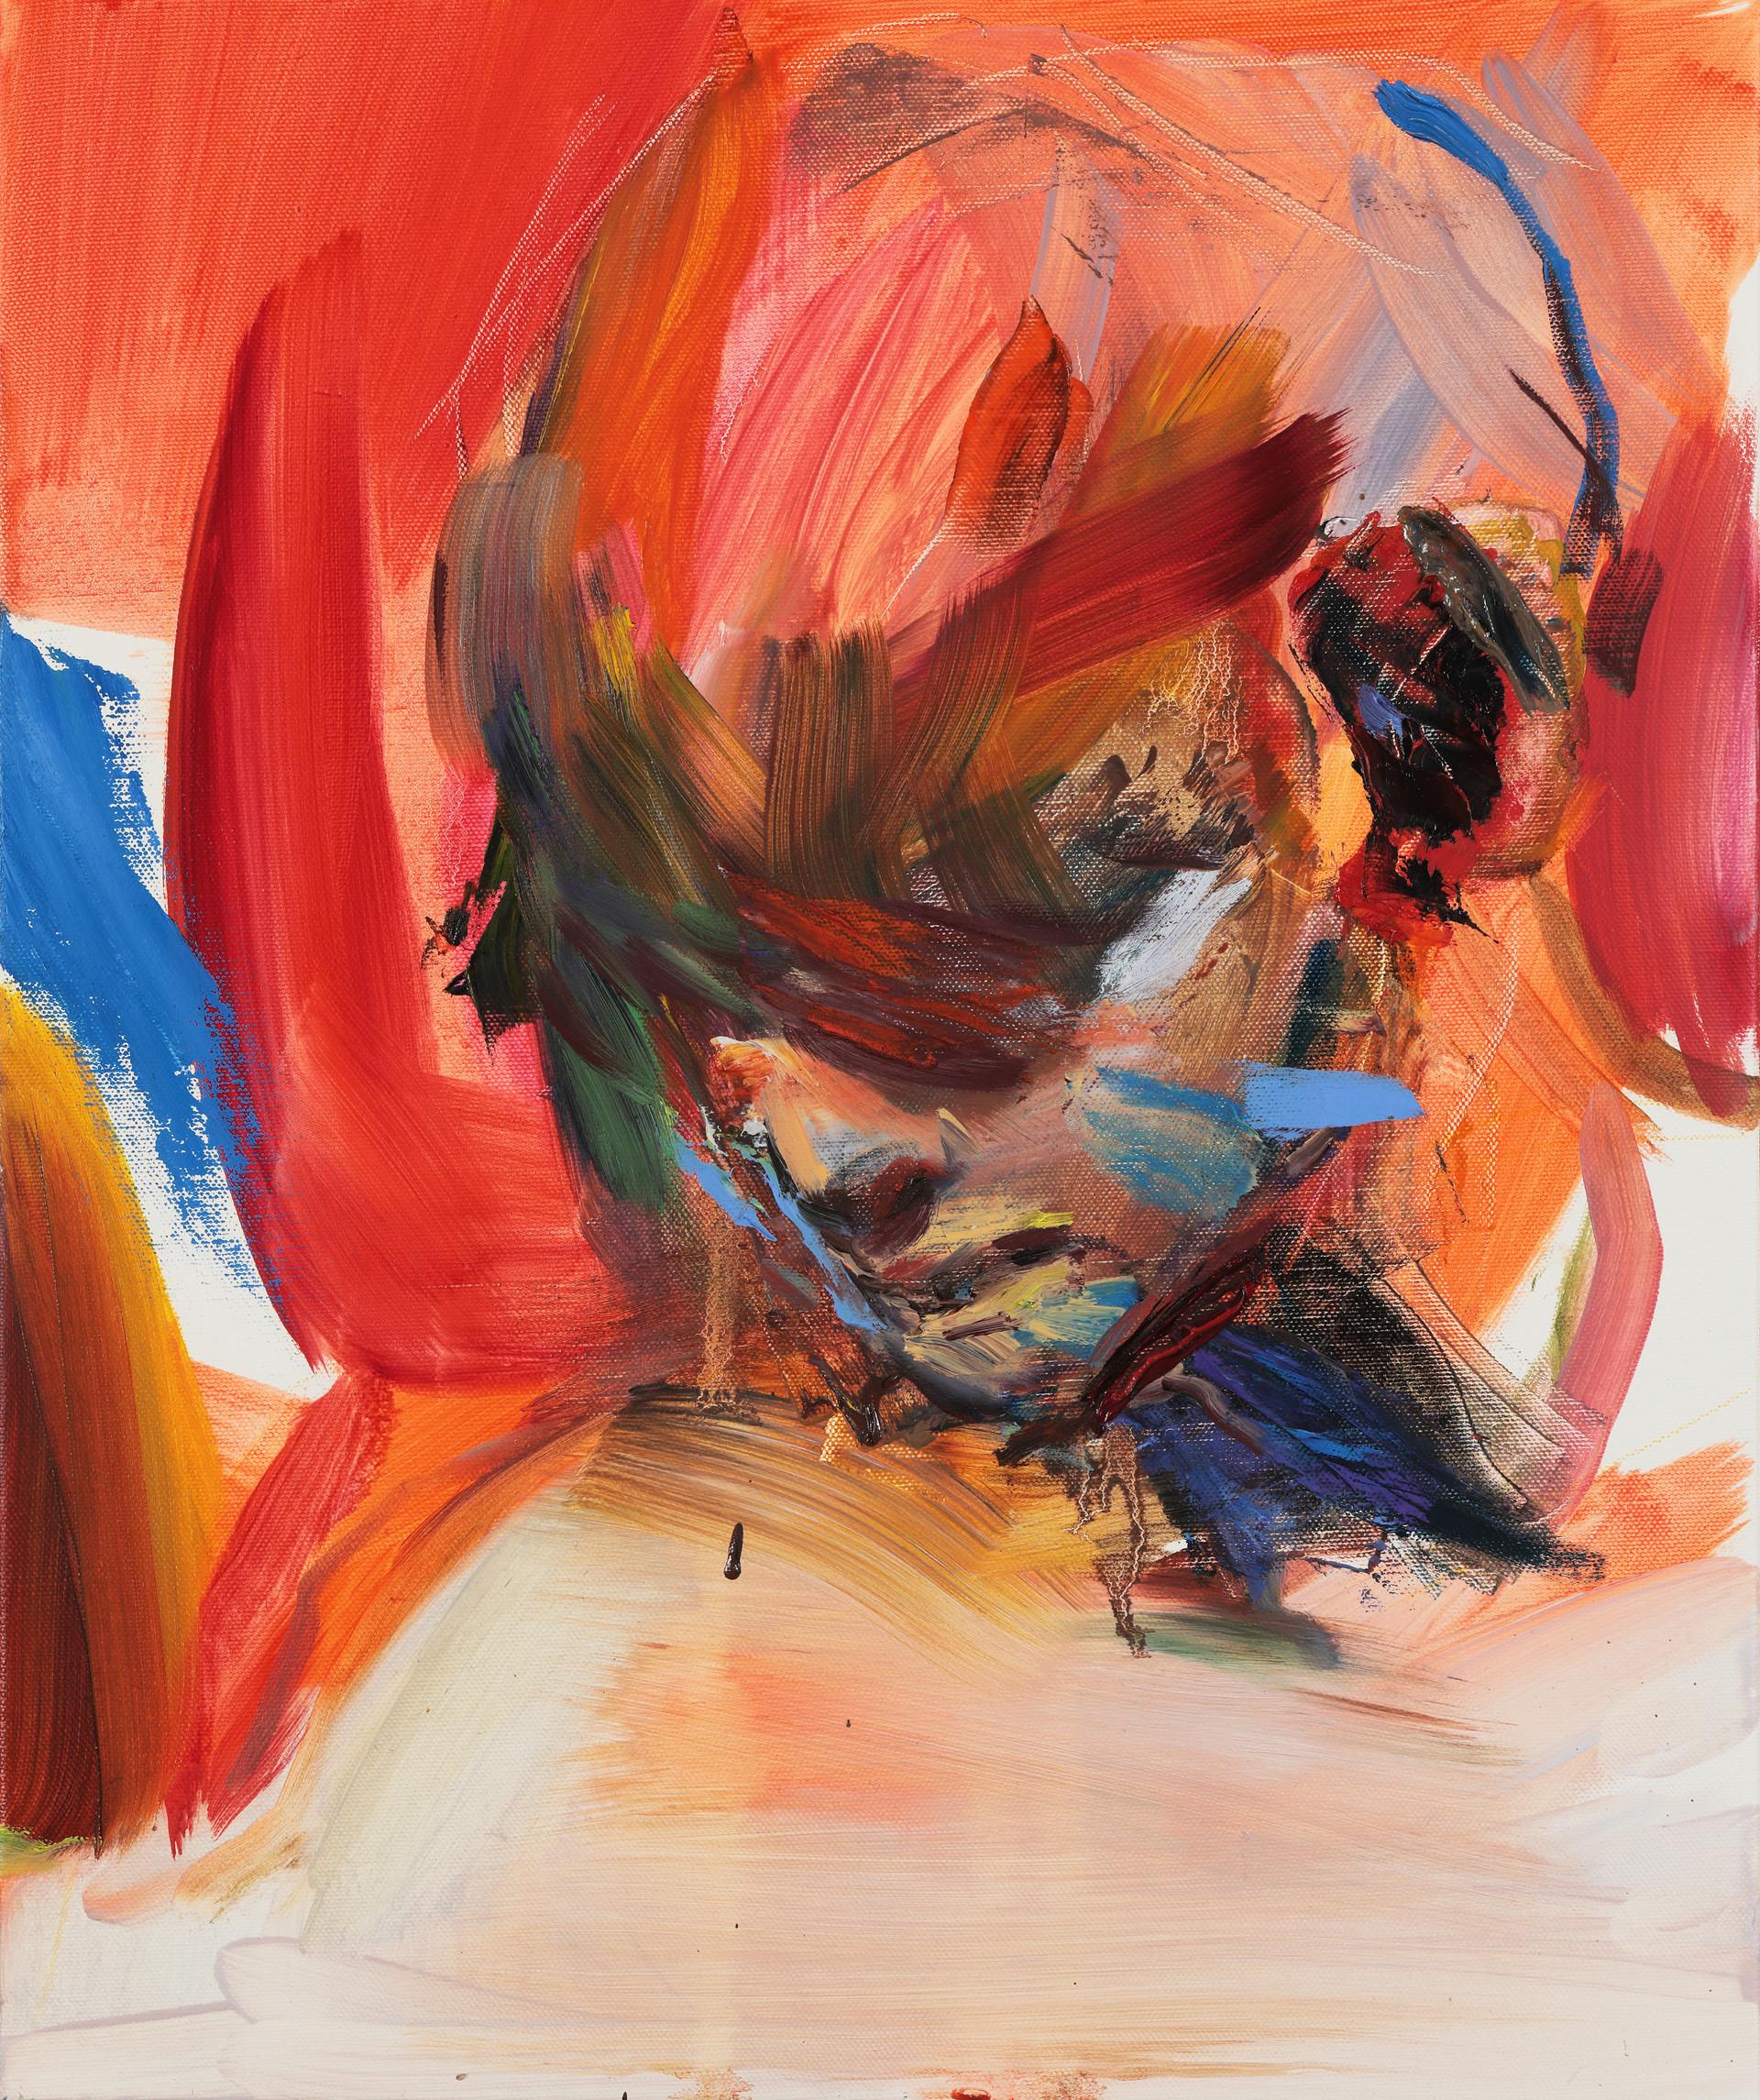 갈망, 45.5x37.9cm, 캔버스에 유채 / Oil on Canvas, 2018